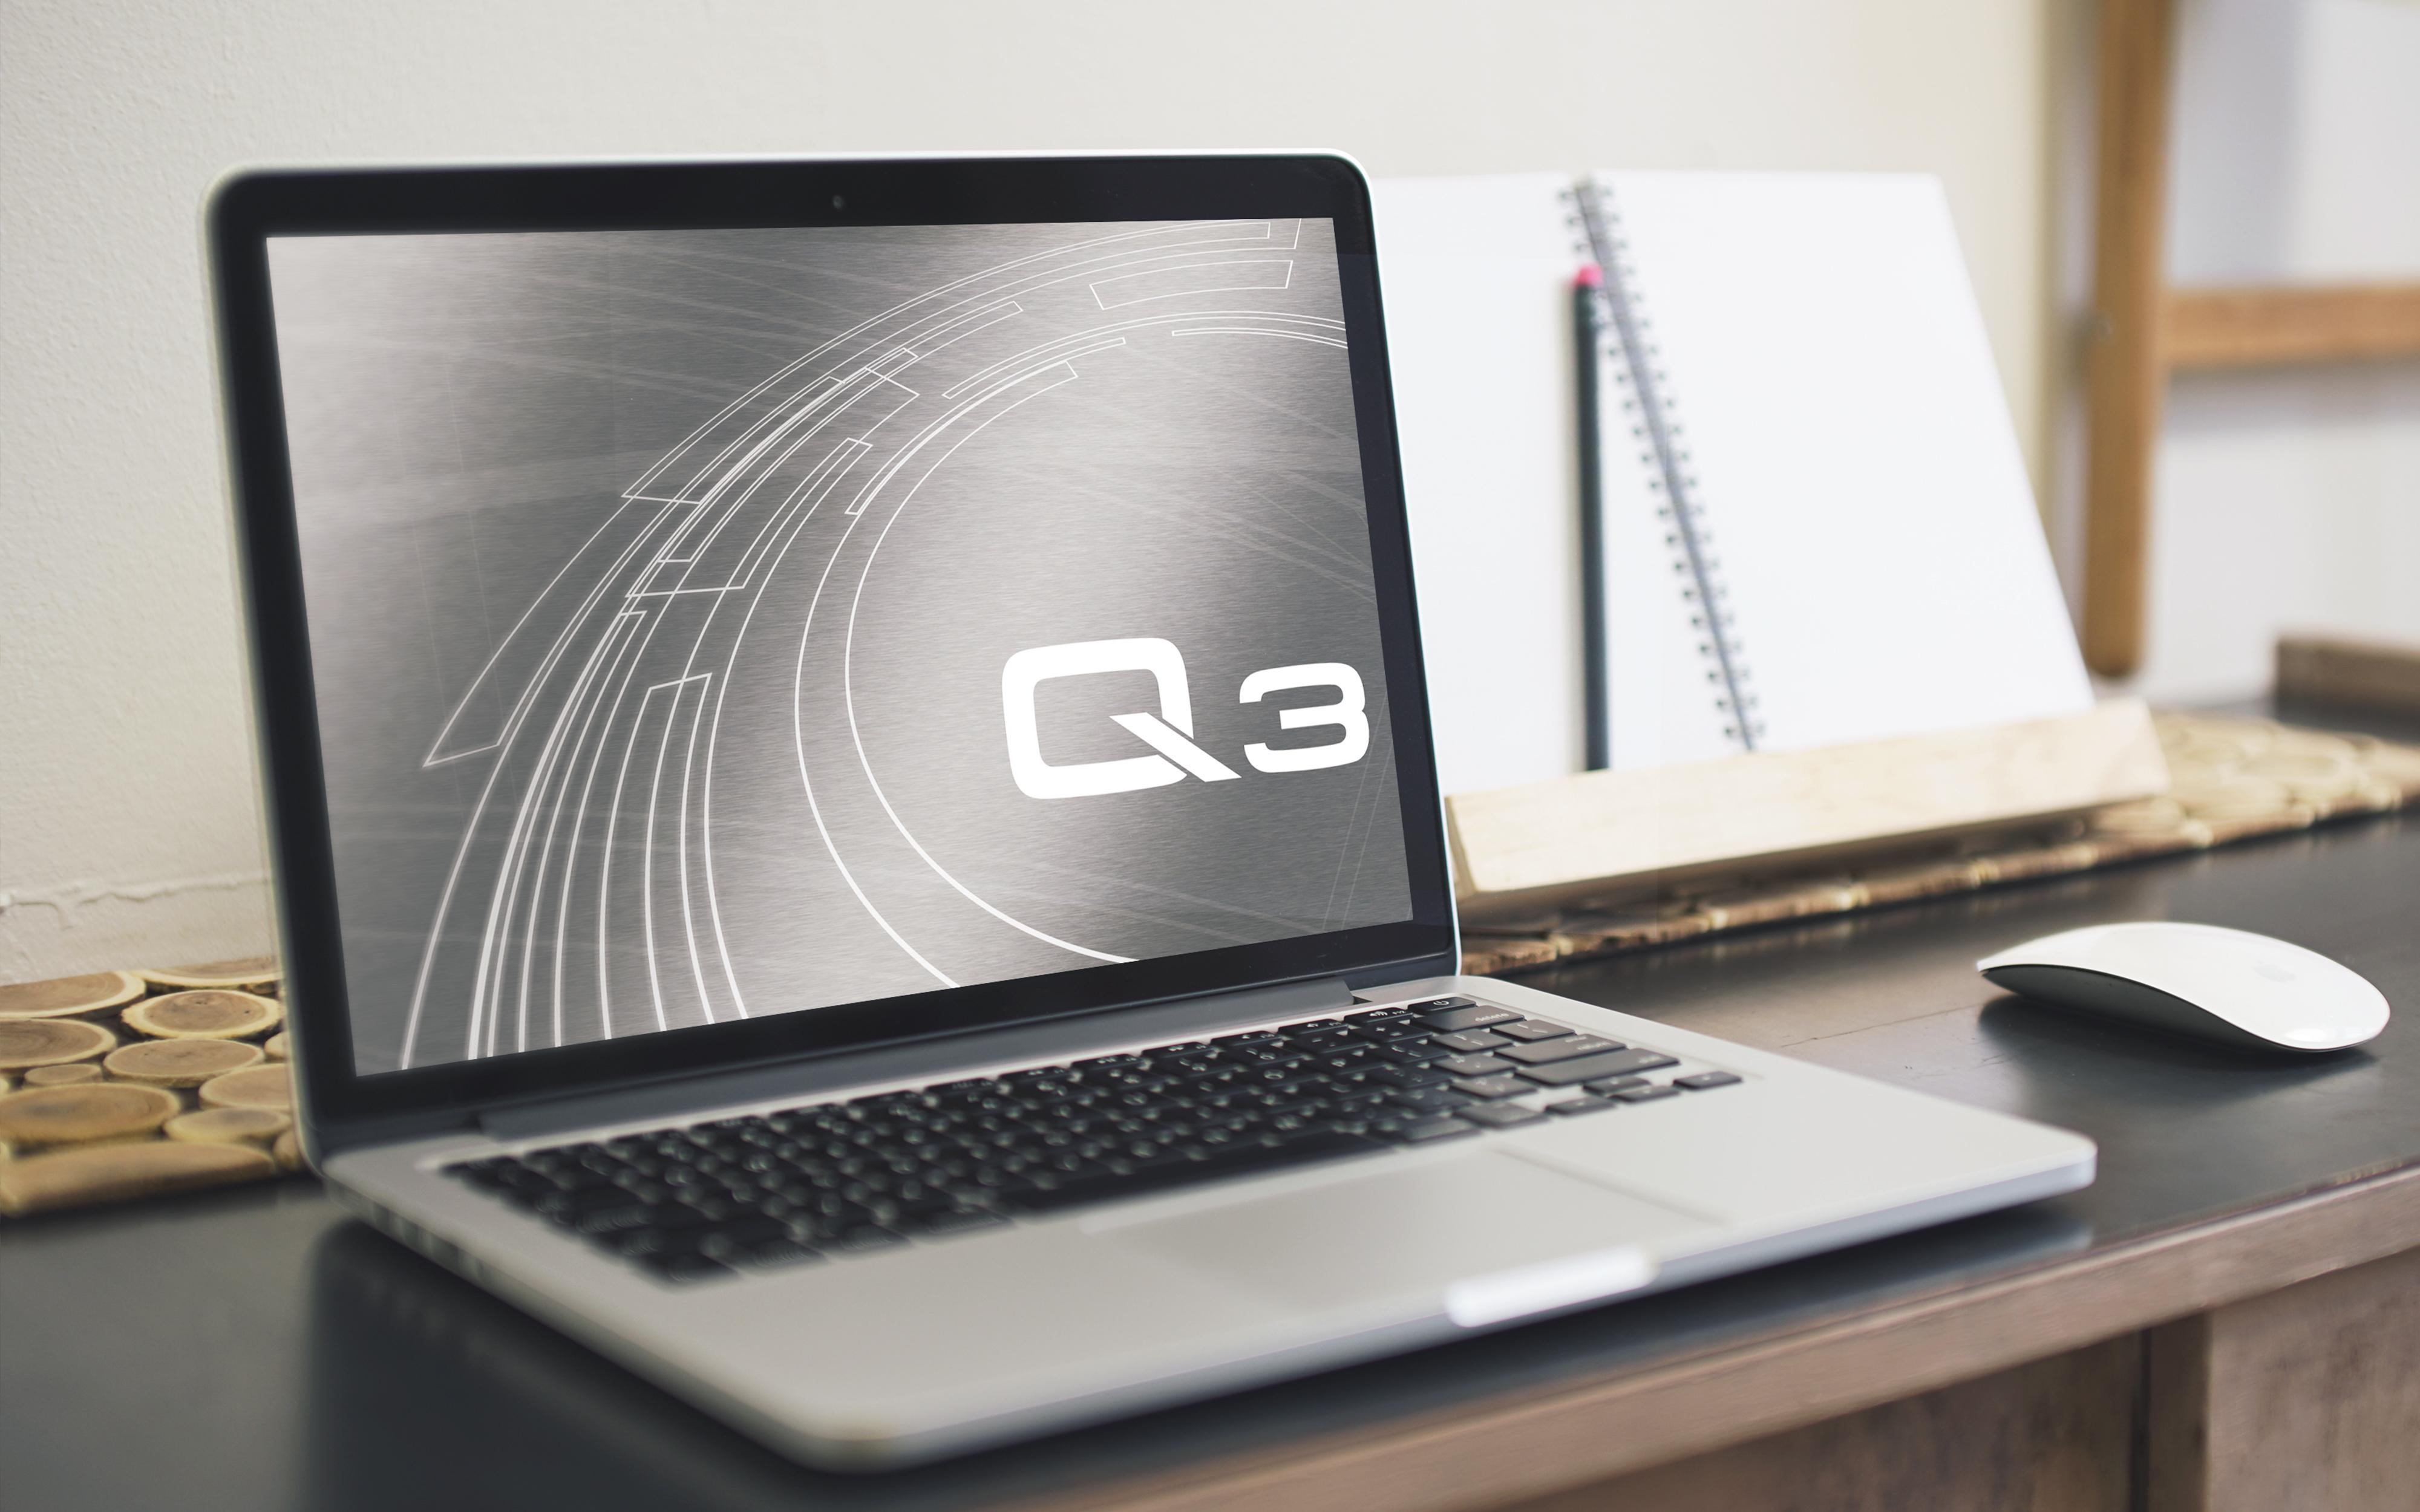 Q3 – Key visual